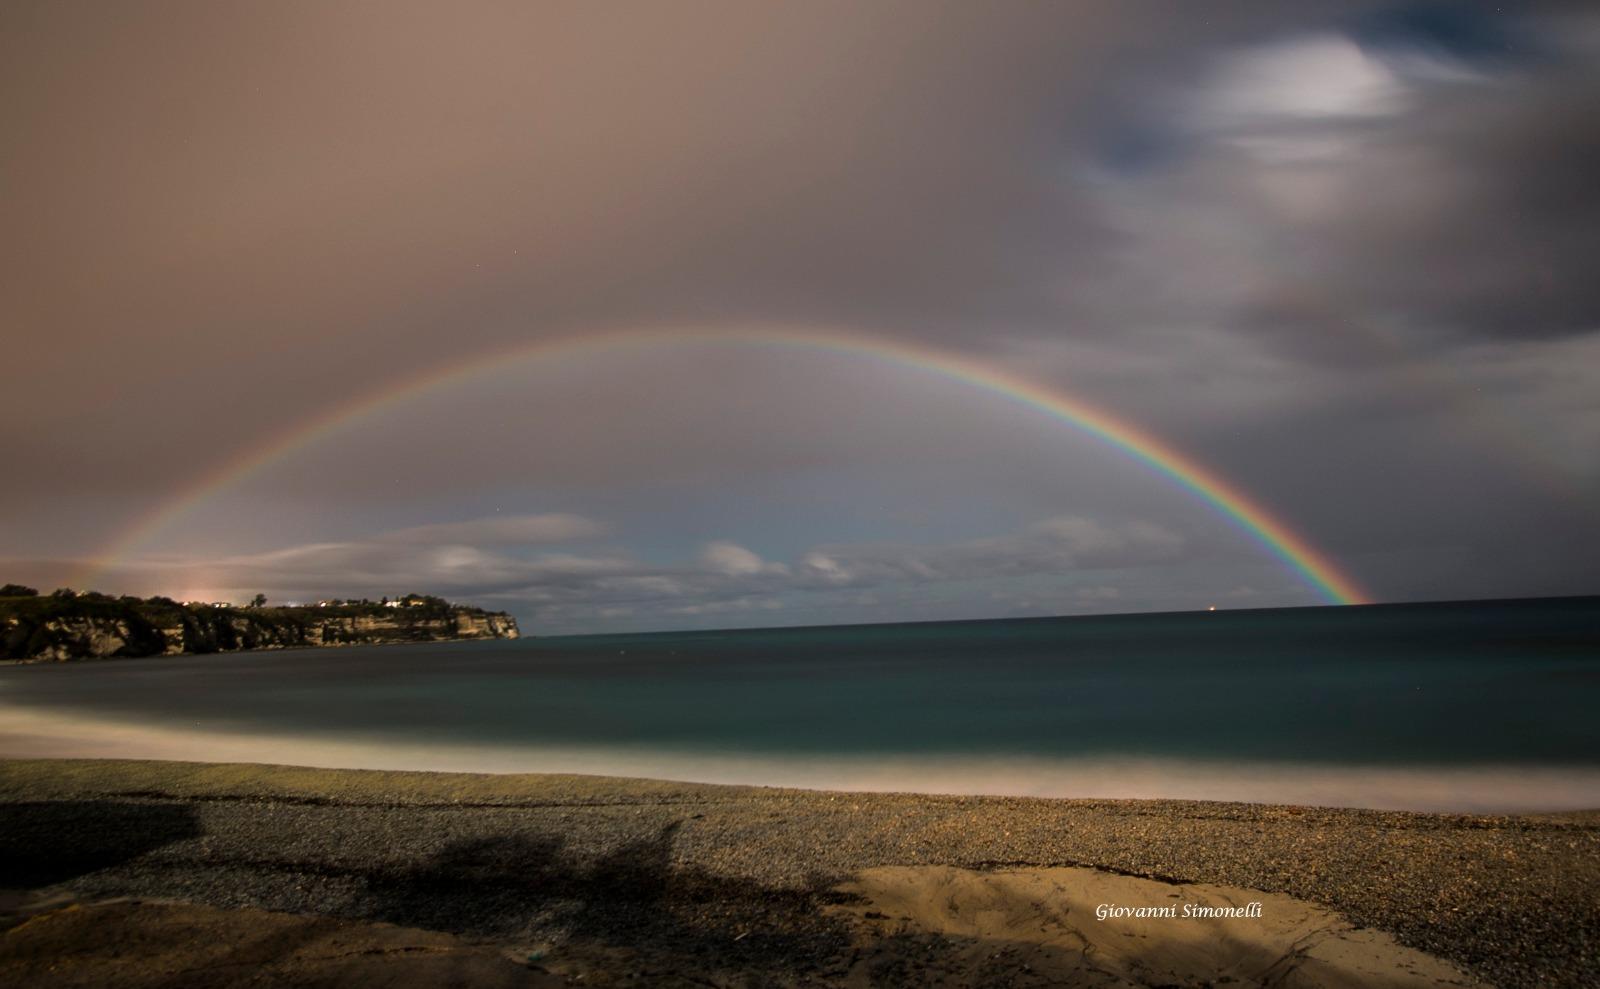 Rarissimo arcobaleno lunare incanta tropea spettacolo - Immagini di gufi arcobaleno ...